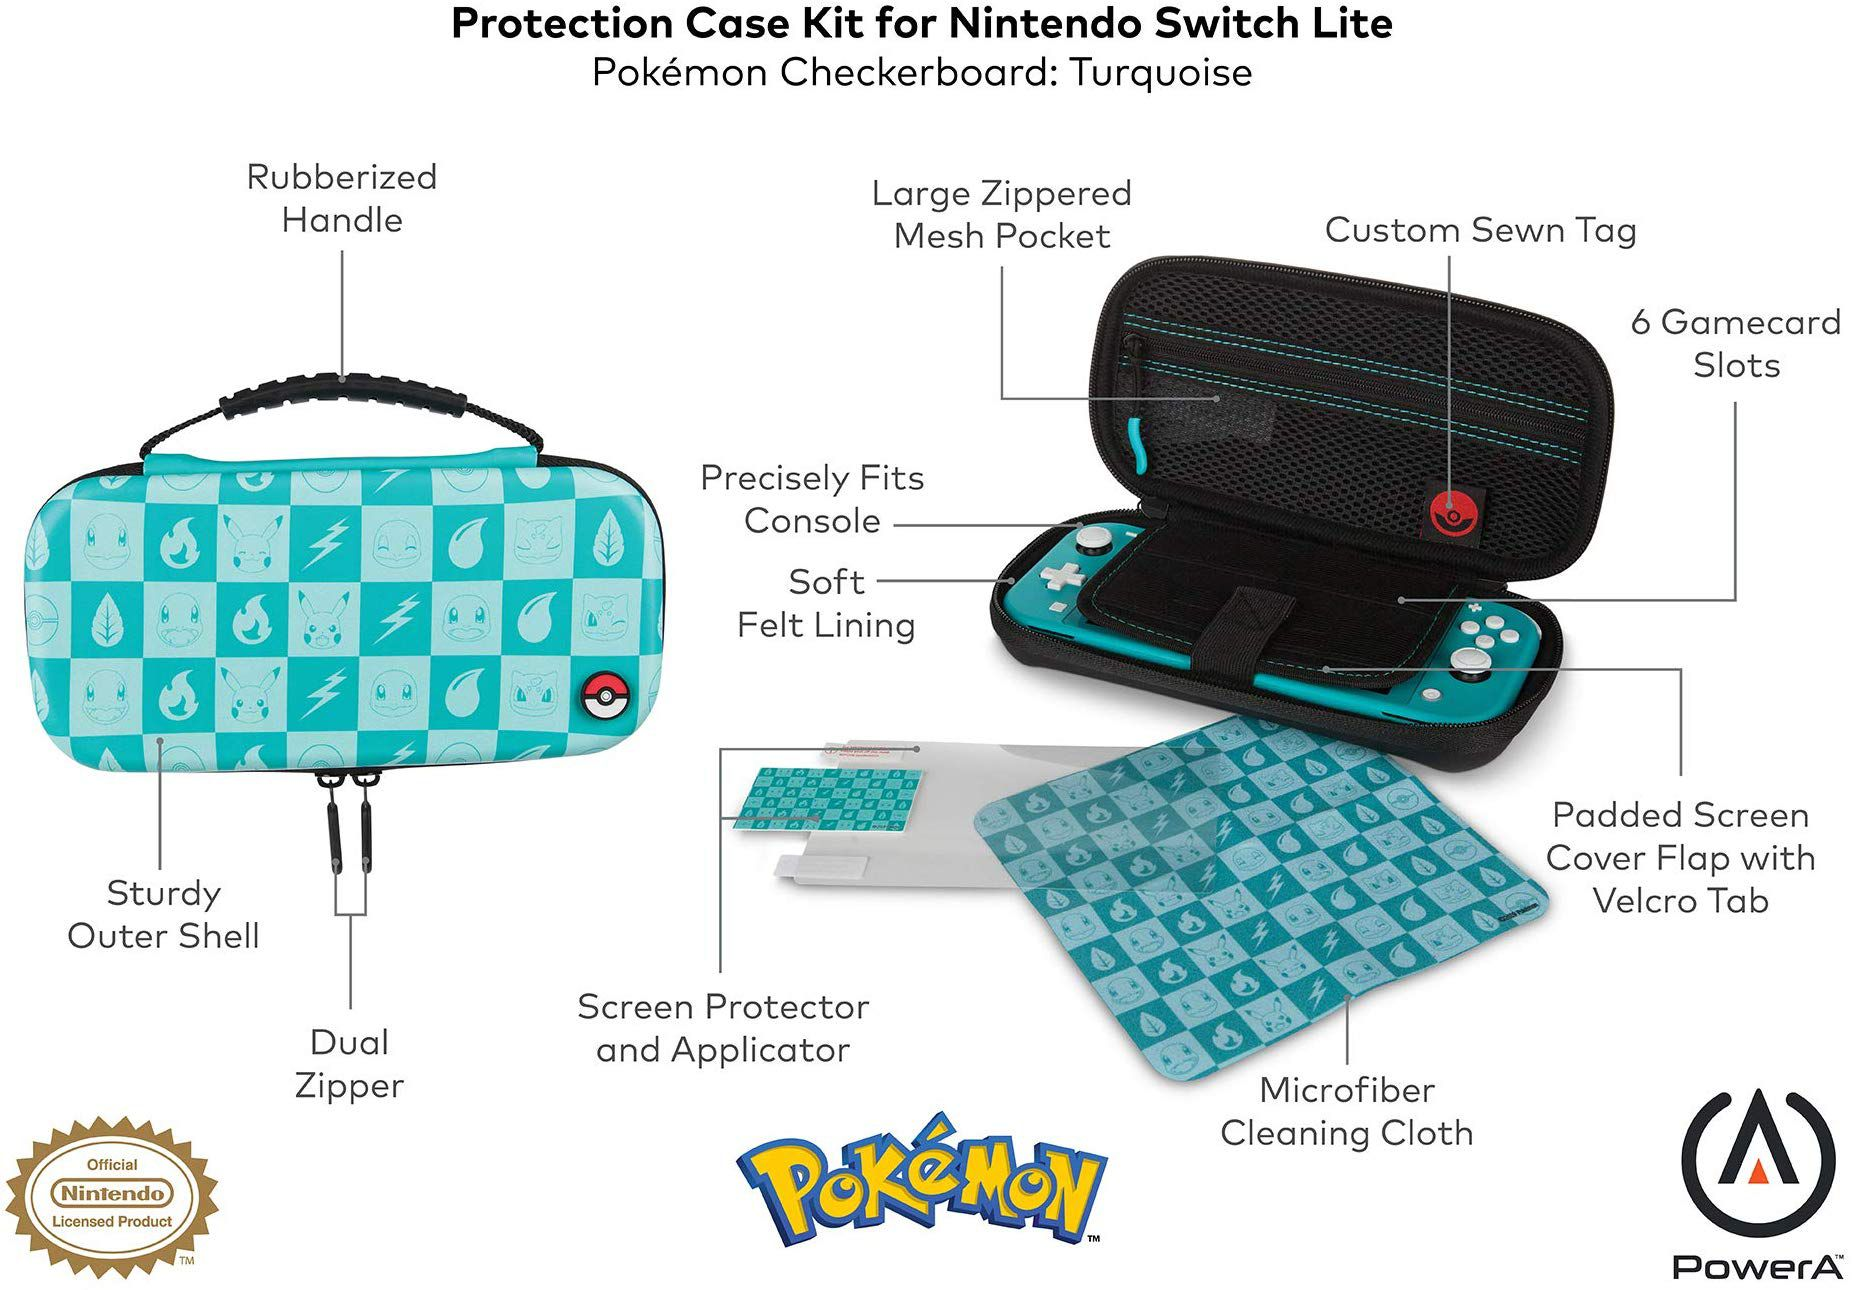 Protection Case Kit Pokemon Checkerboard Powera Turquoise - Nintendo Switch Lite